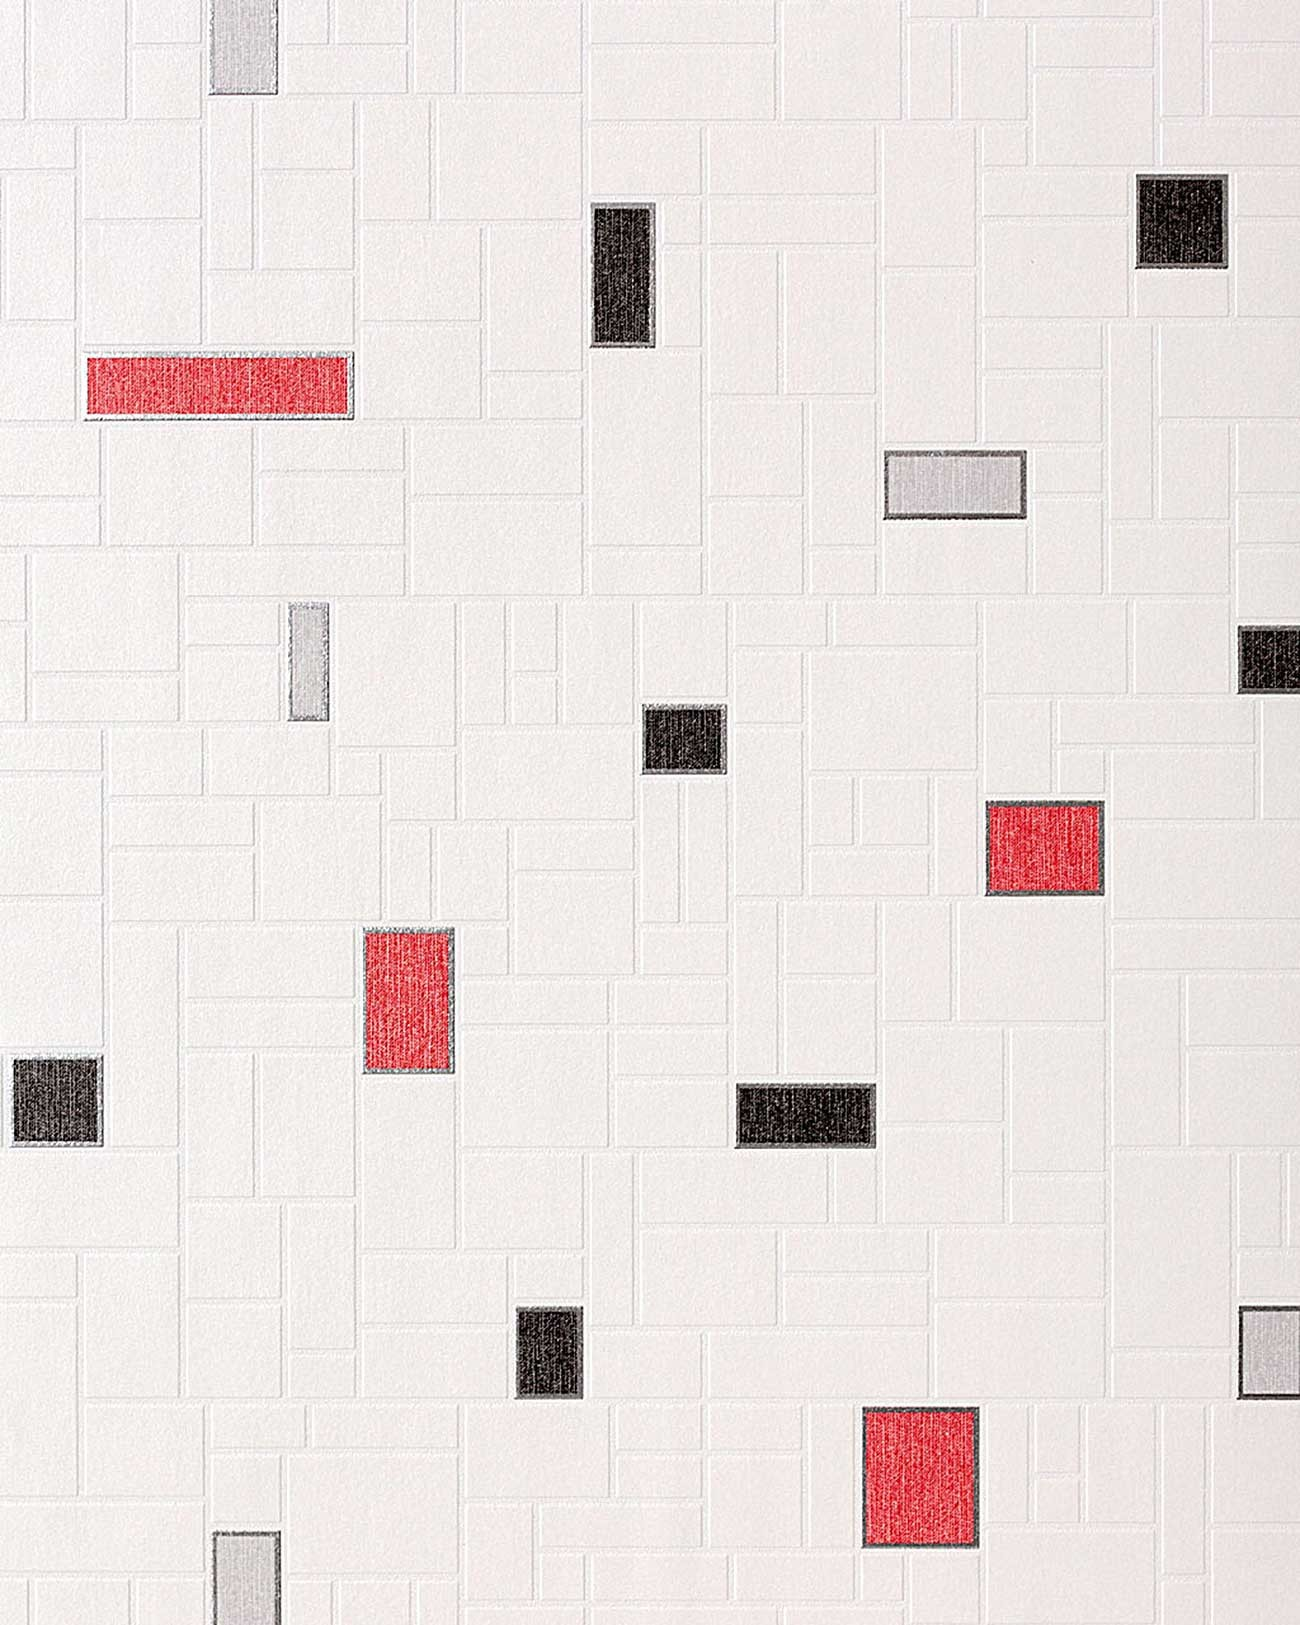 kuchentapete stein tapete edem 584 26 vinyl tapete dekorative fliesen kacheln mosaik stein optik